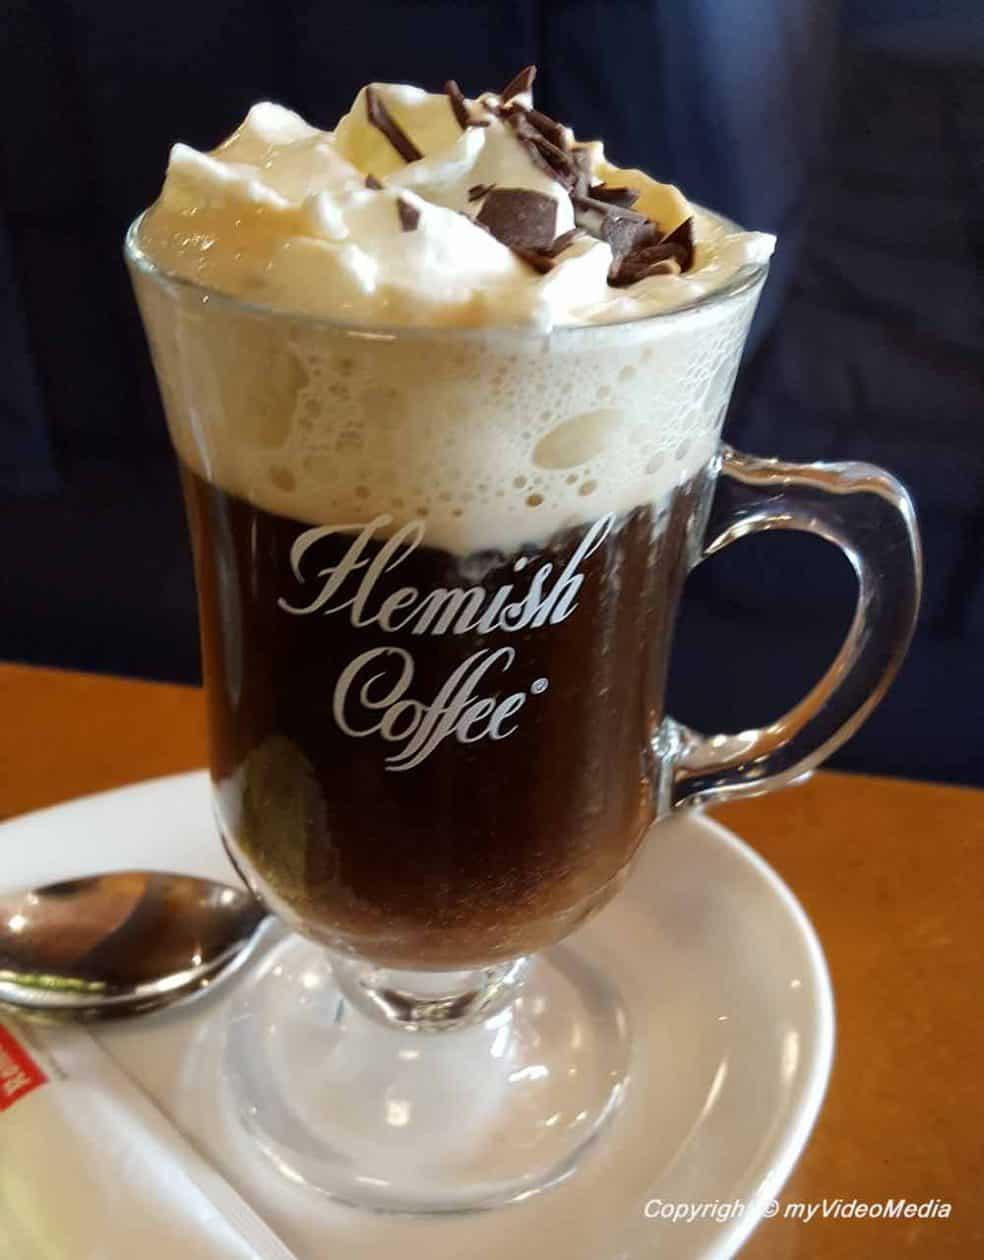 Flemish Coffee in Café 't Galgenhuisje in Ghent